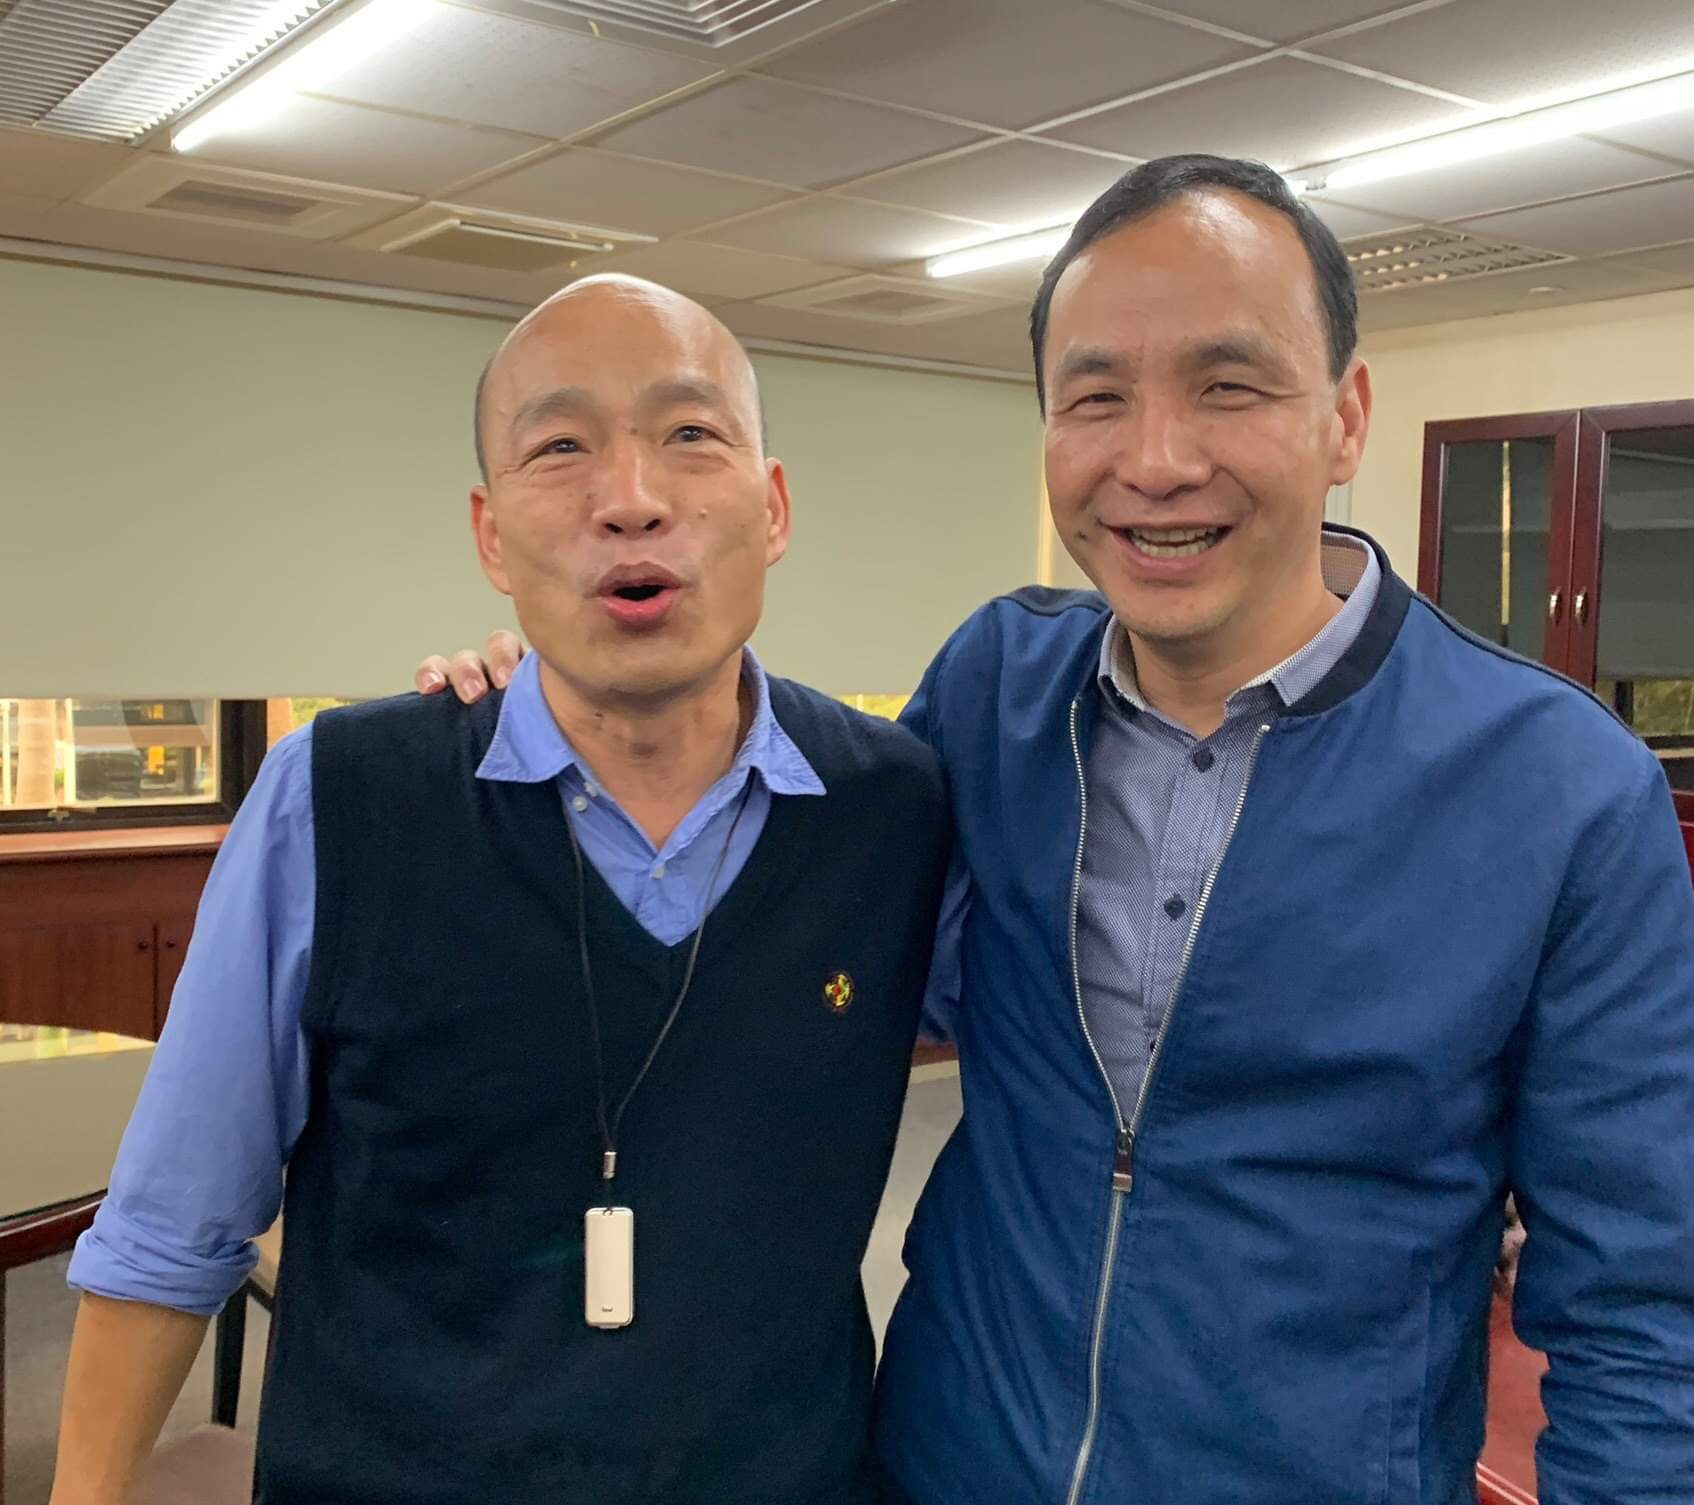 韩国瑜凭什么选台湾地区领导人?朱立伦给出了答案